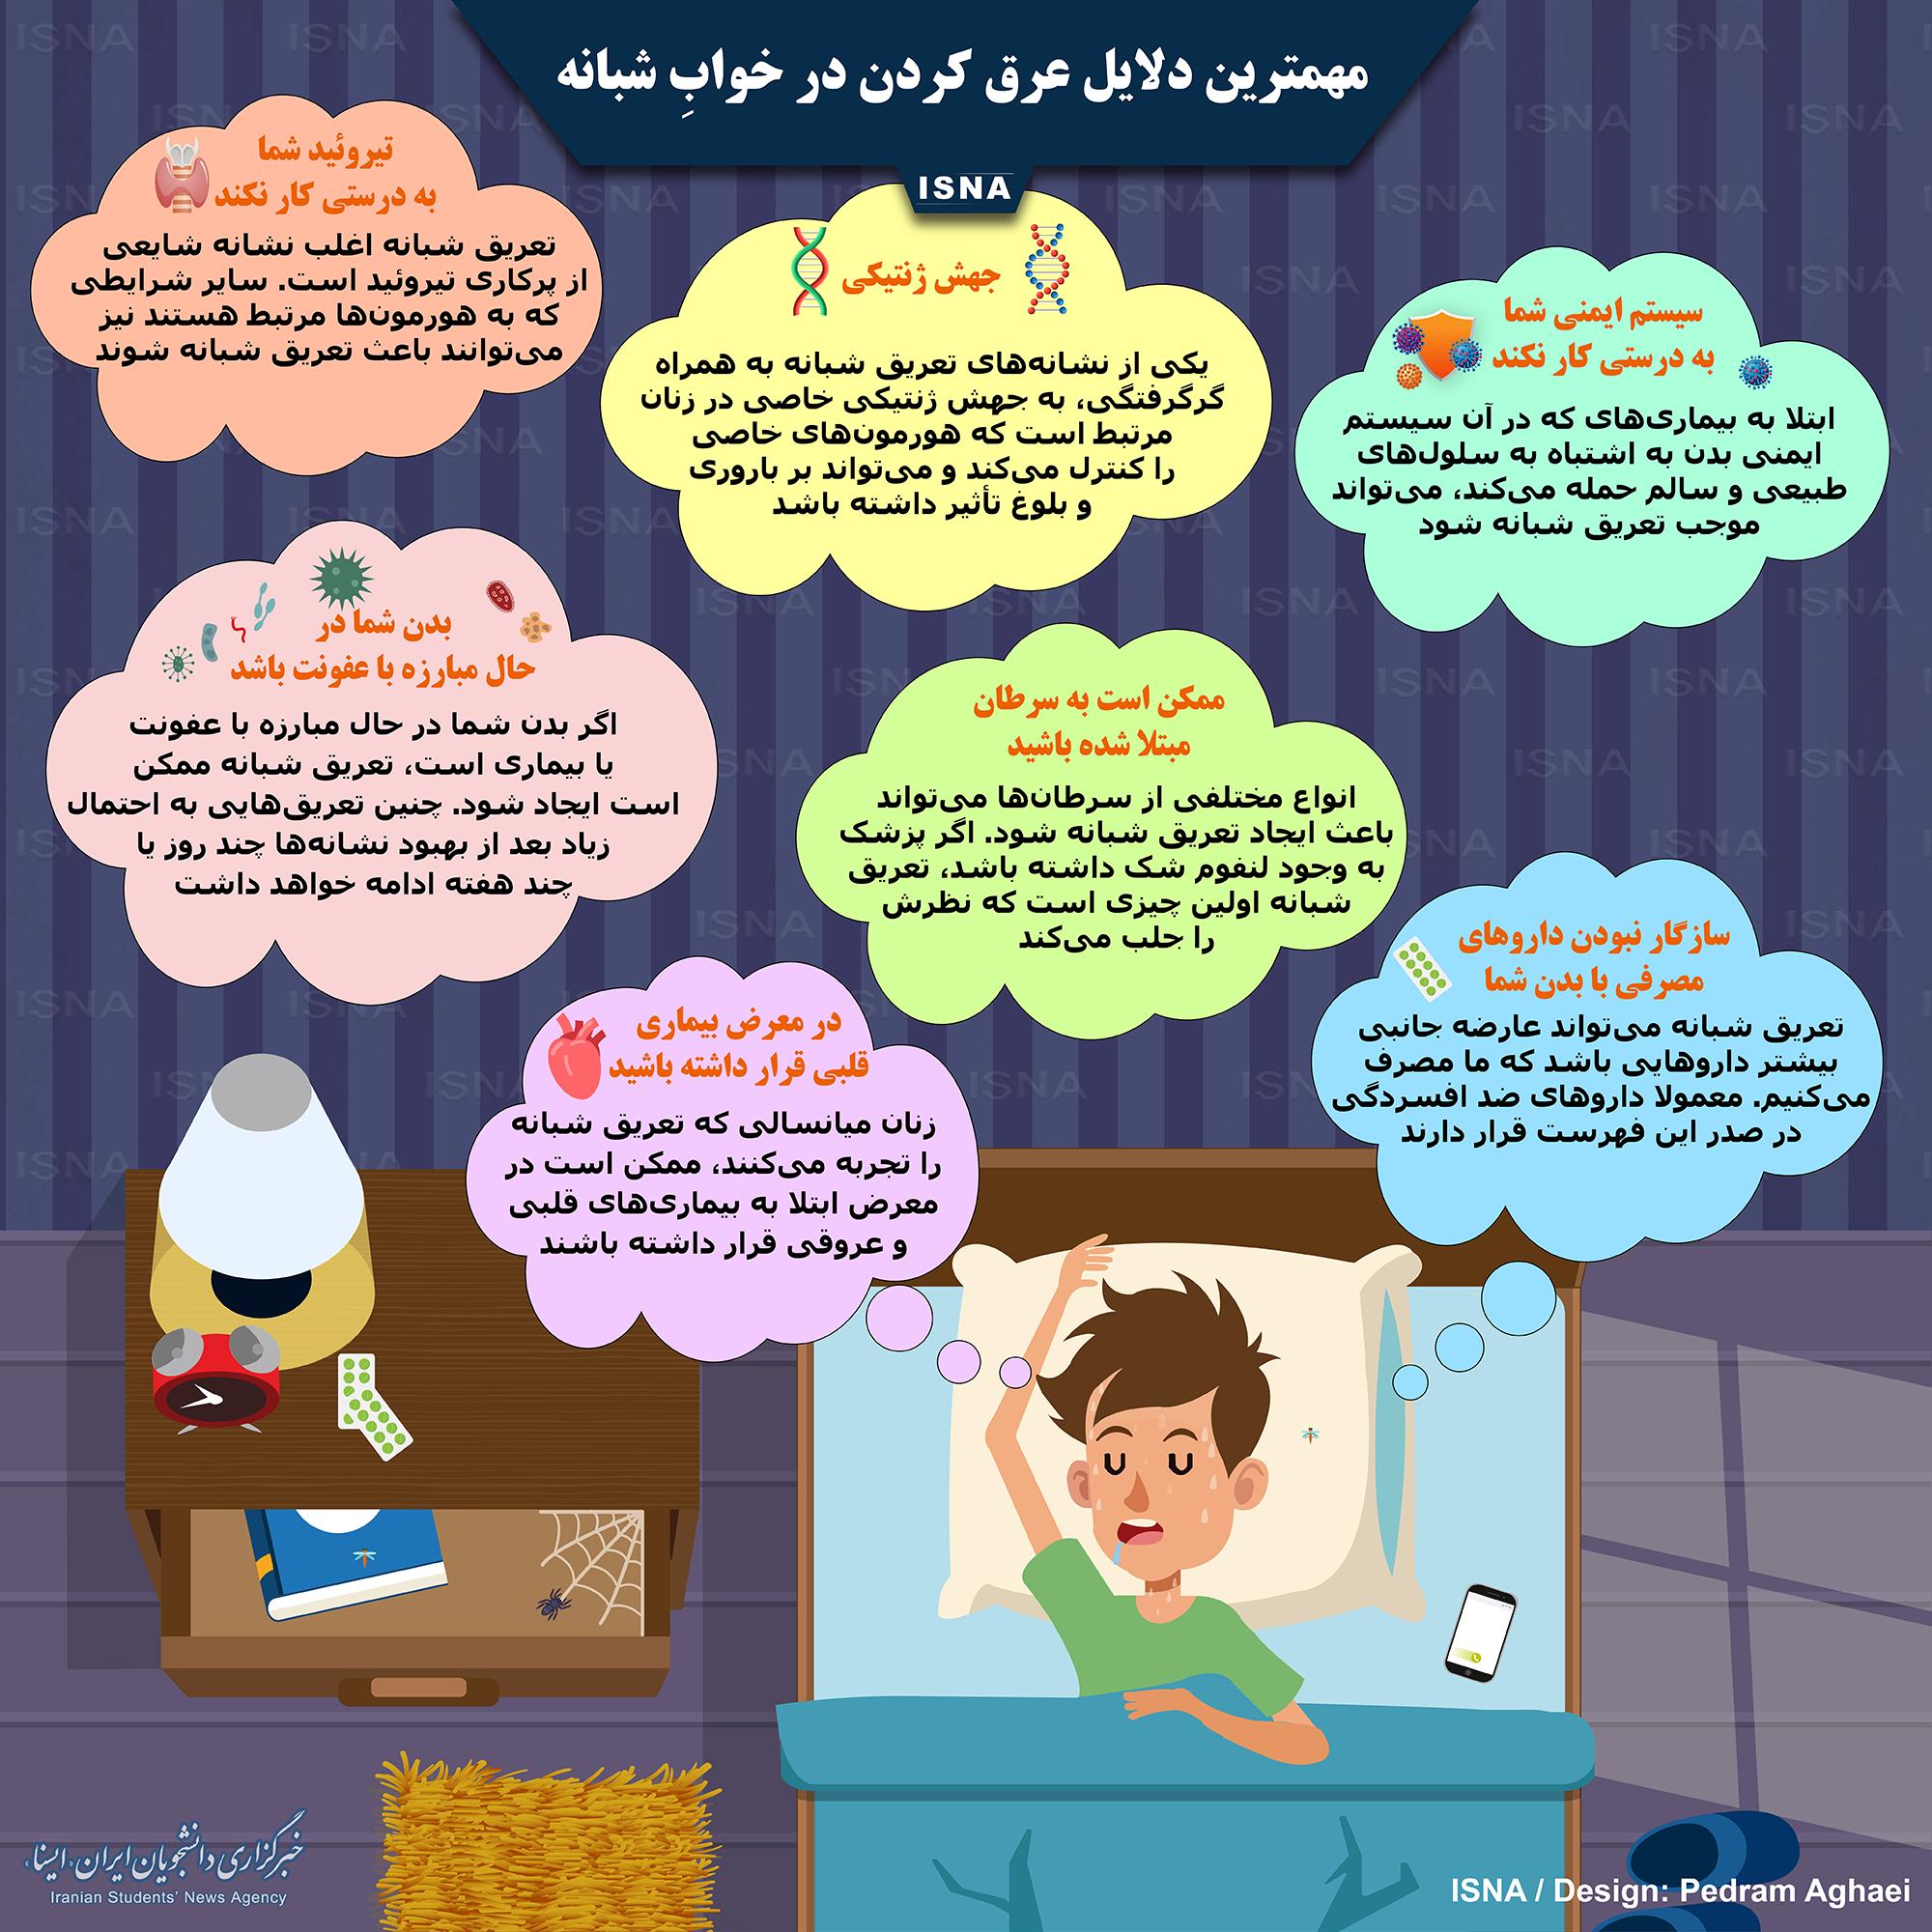 تعریق خواب شبانه نشانه چه بیماری هایی است+ اینفوگرافی